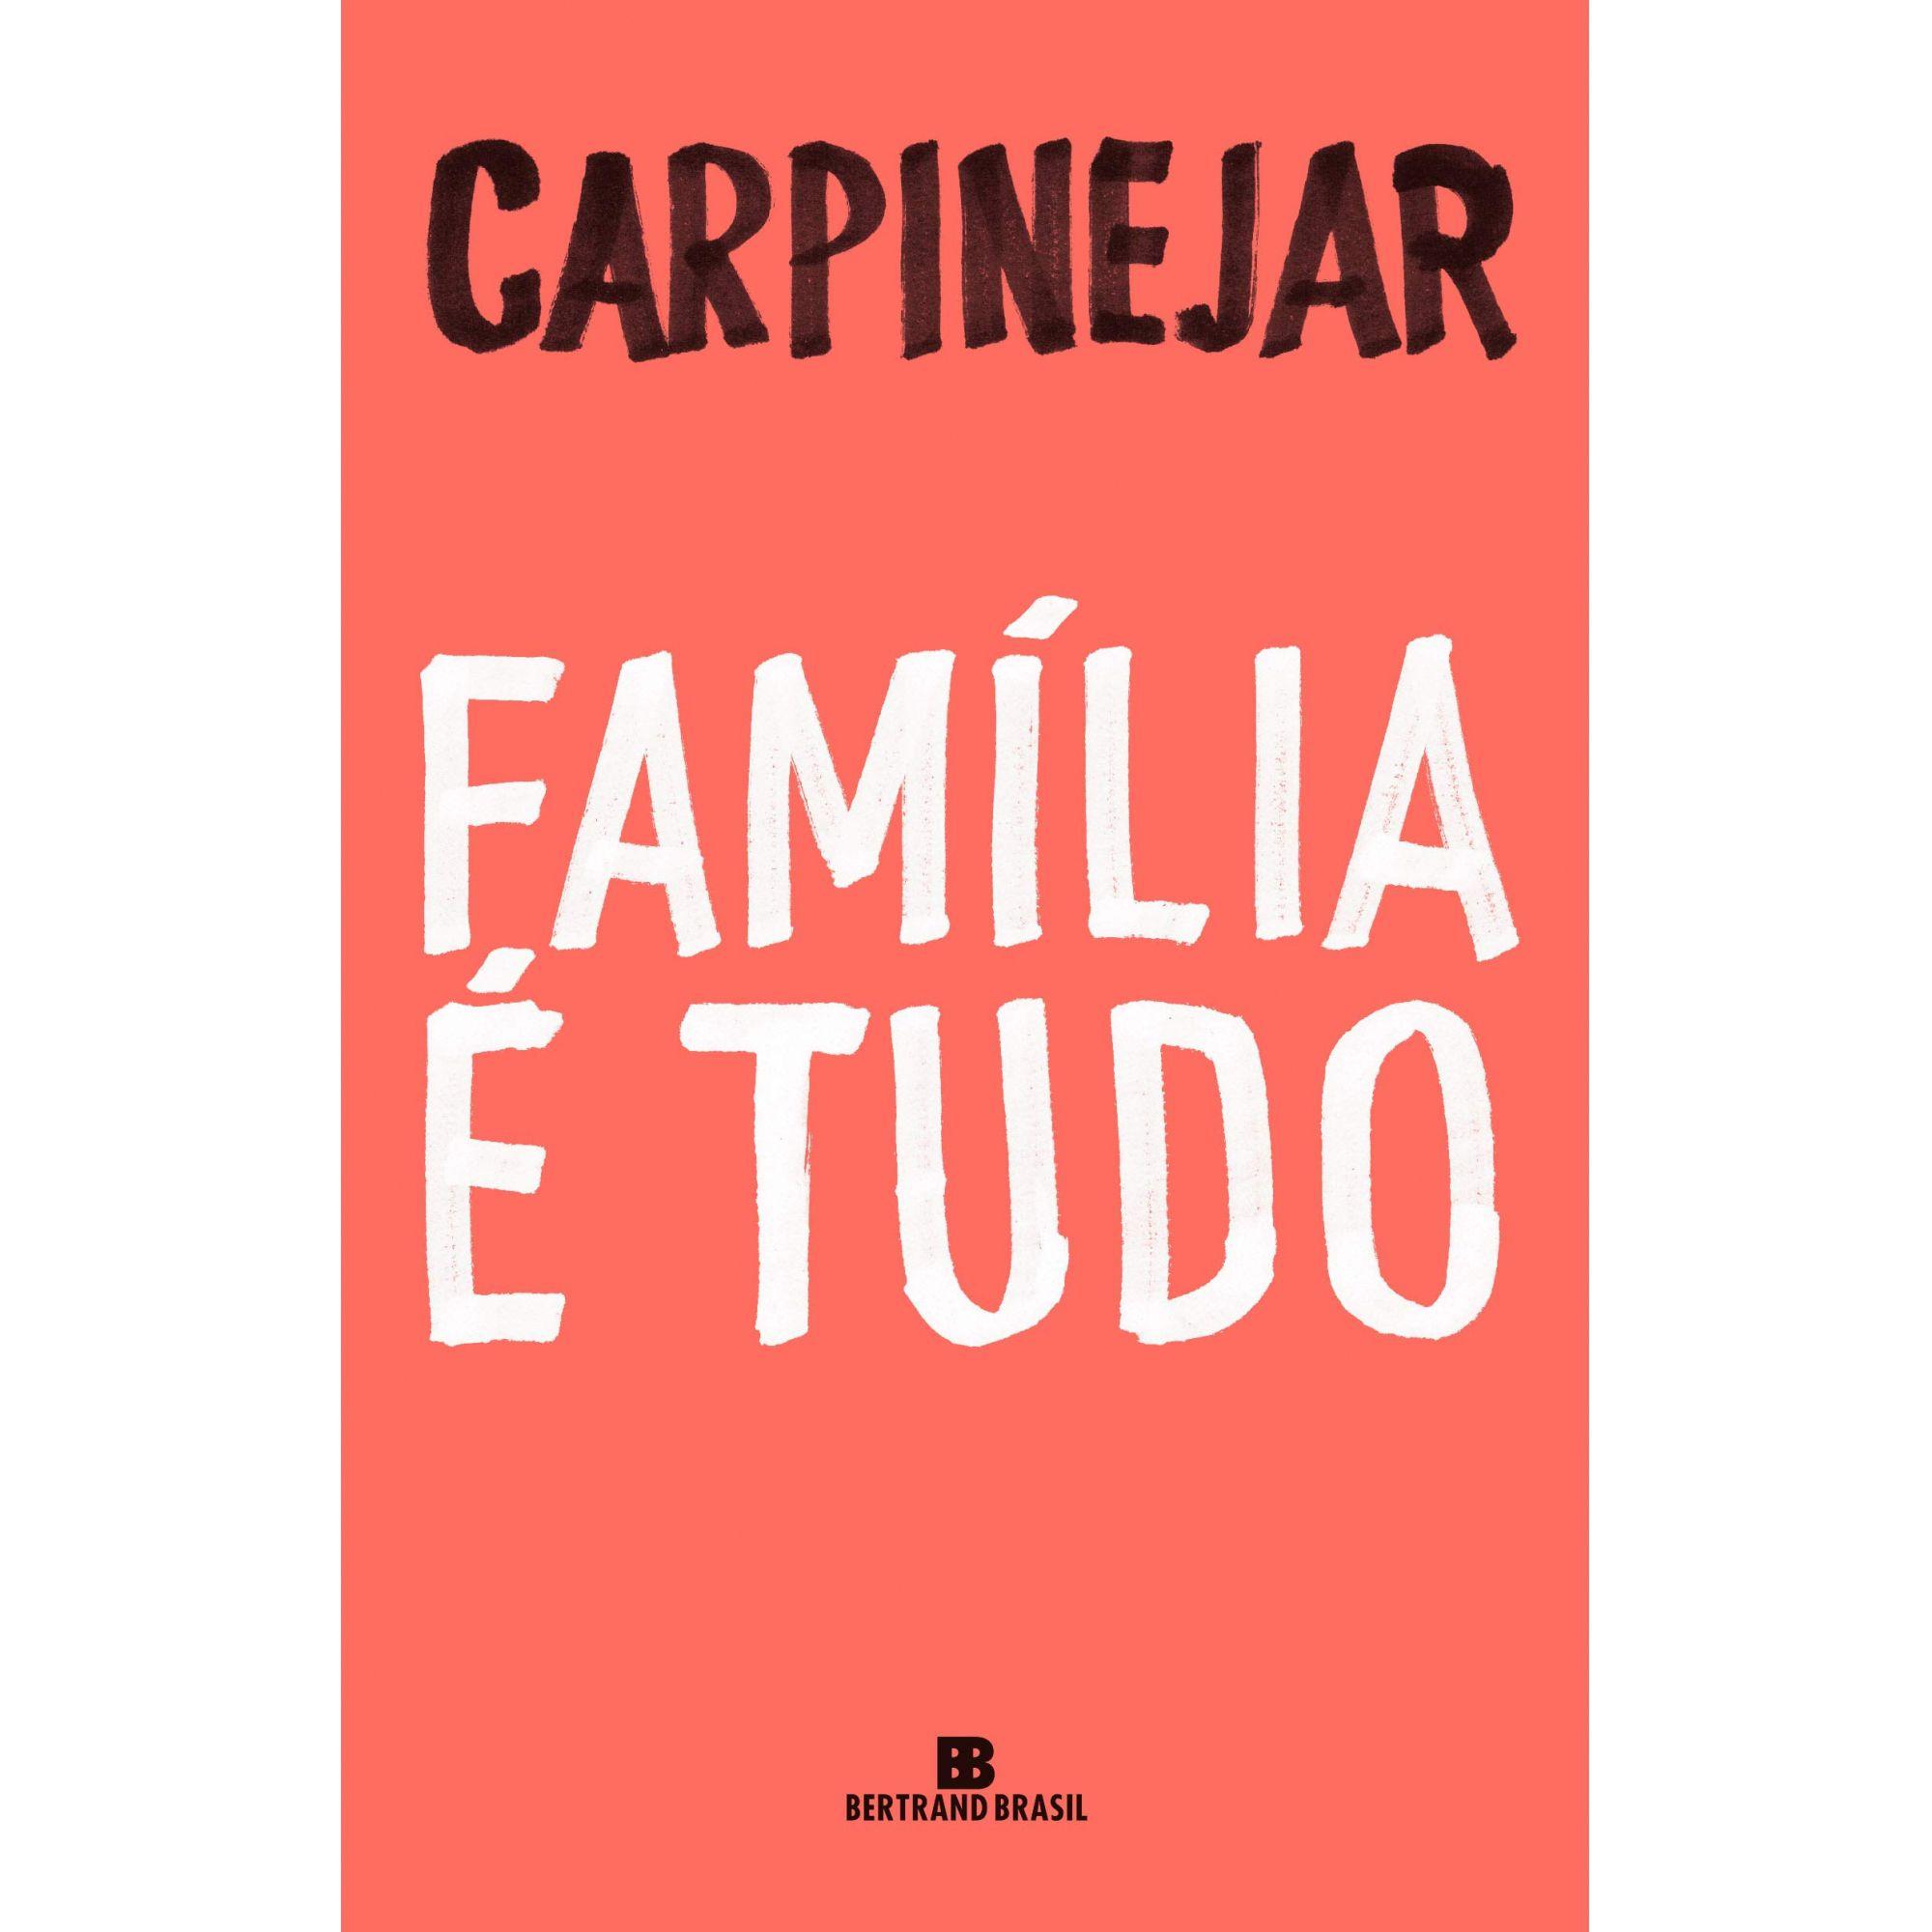 FAMILIA É TUDO